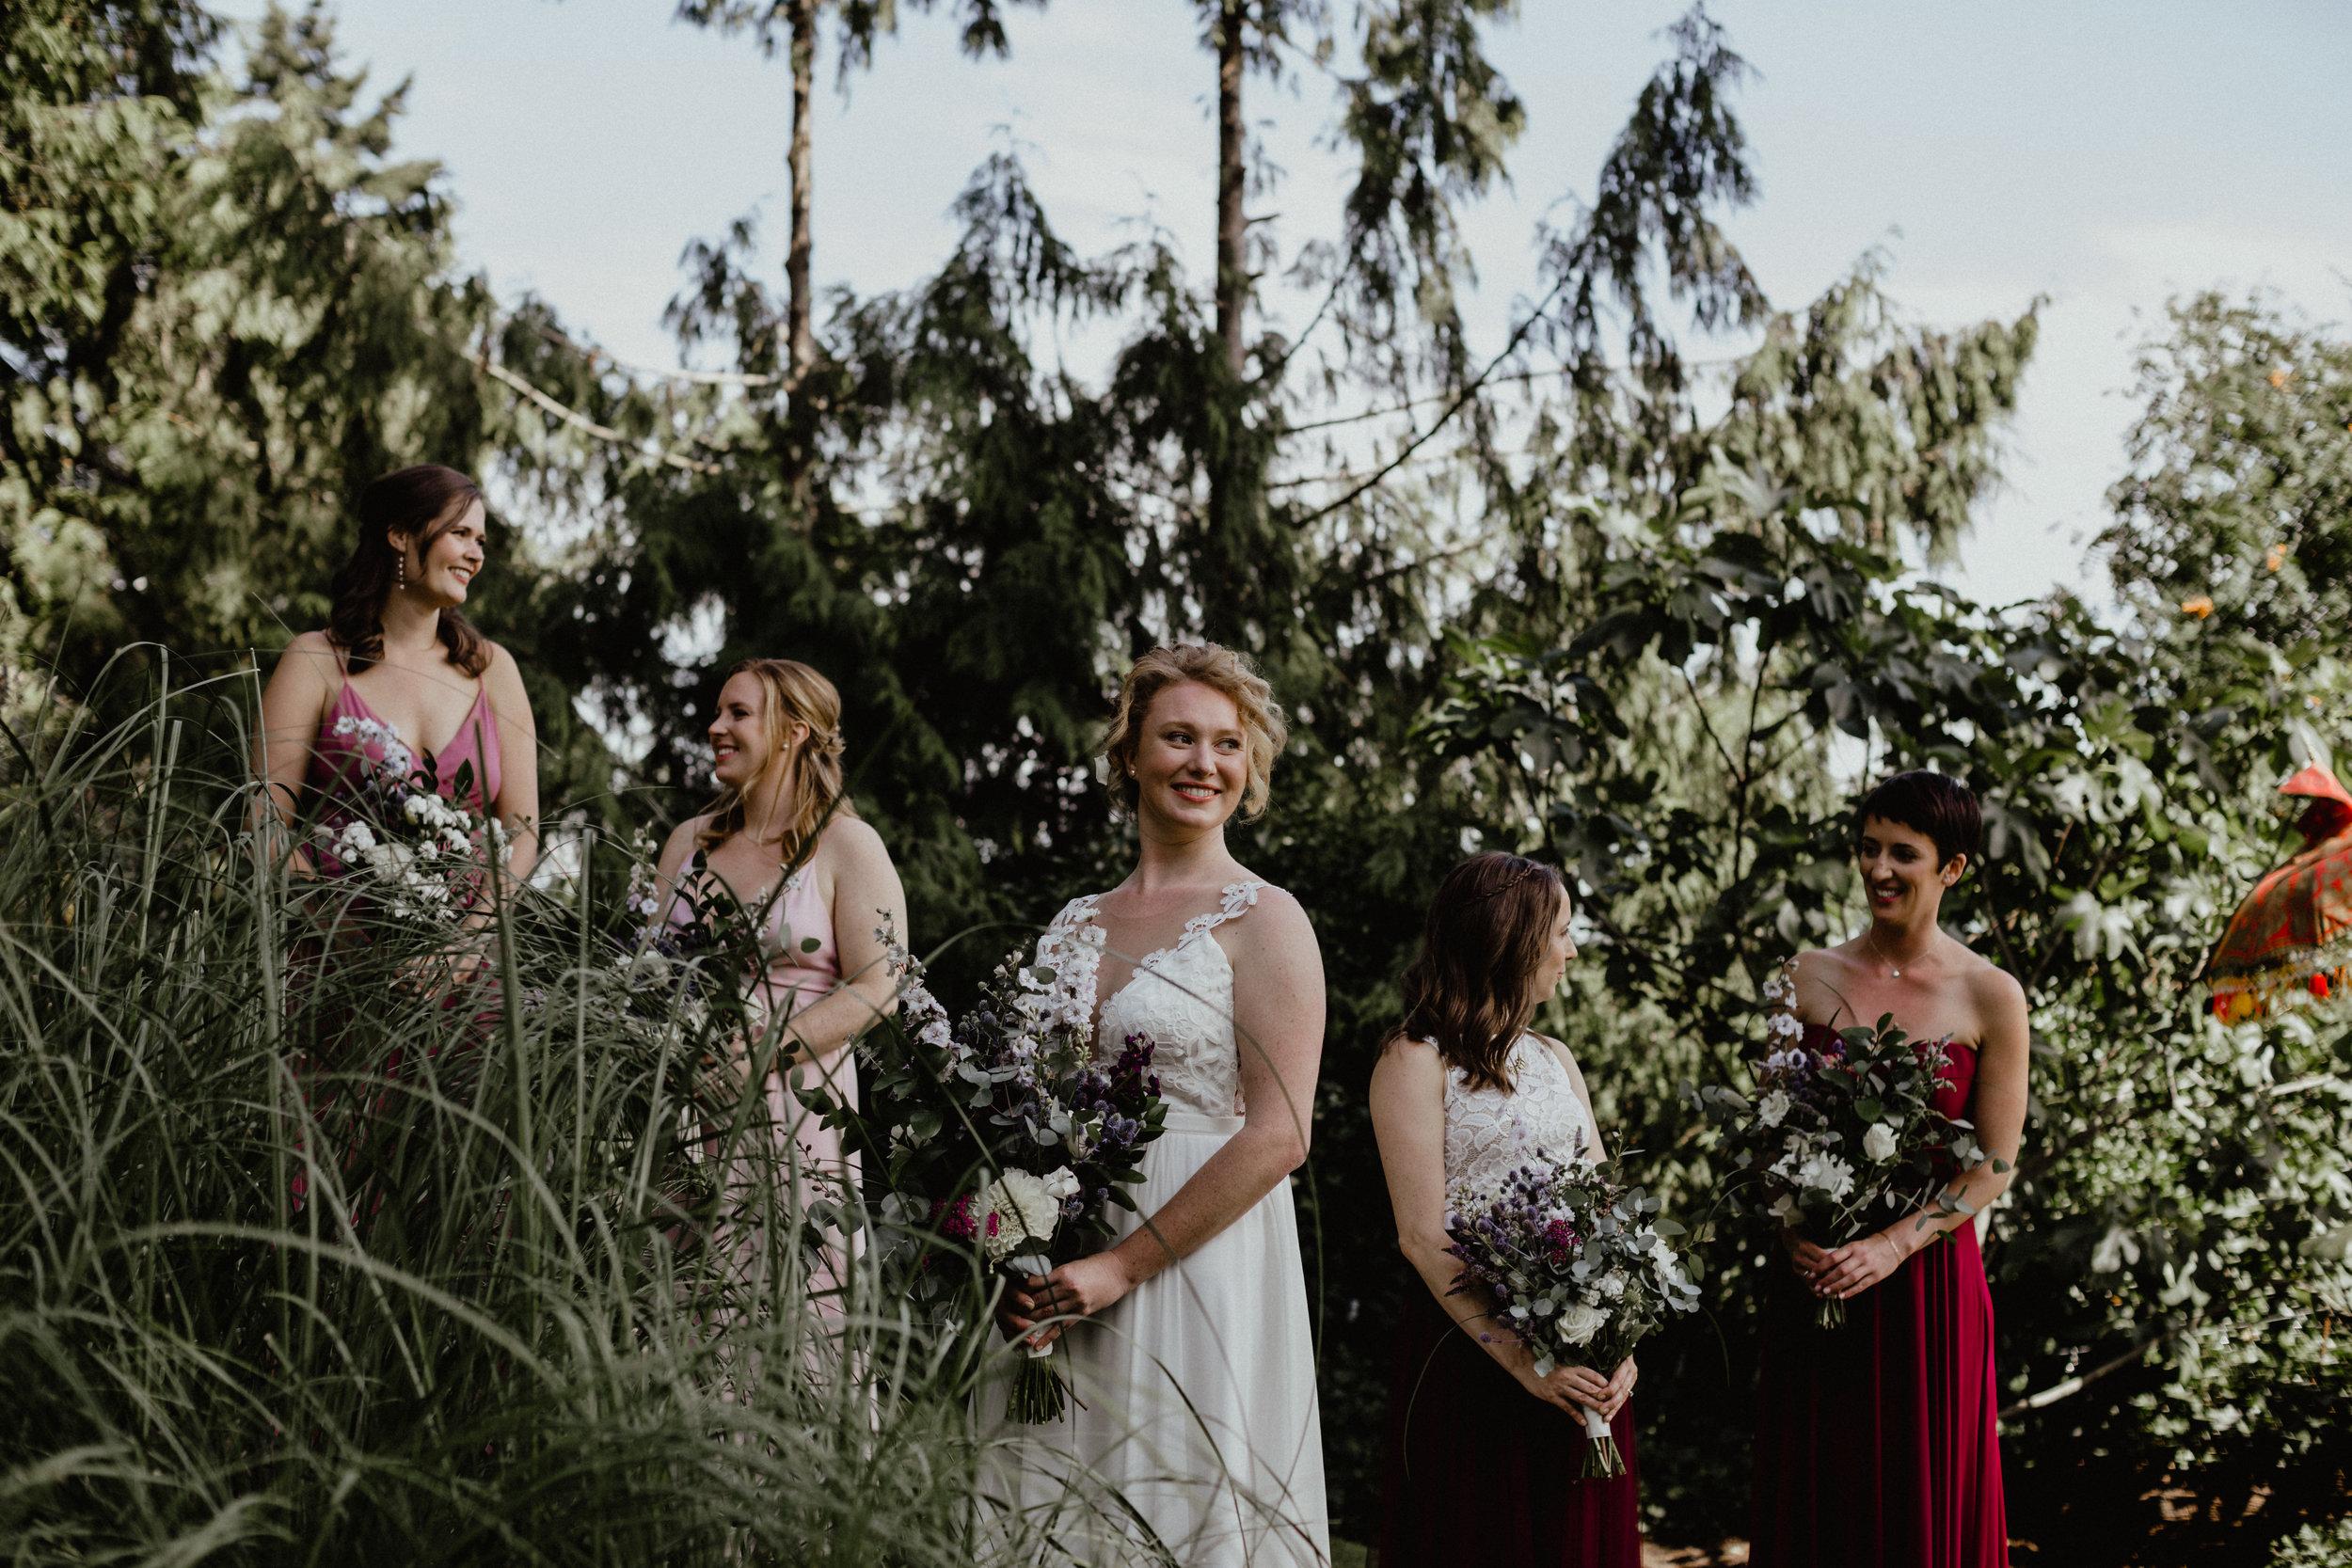 west-vancouver-backyard-wedding-61.jpg